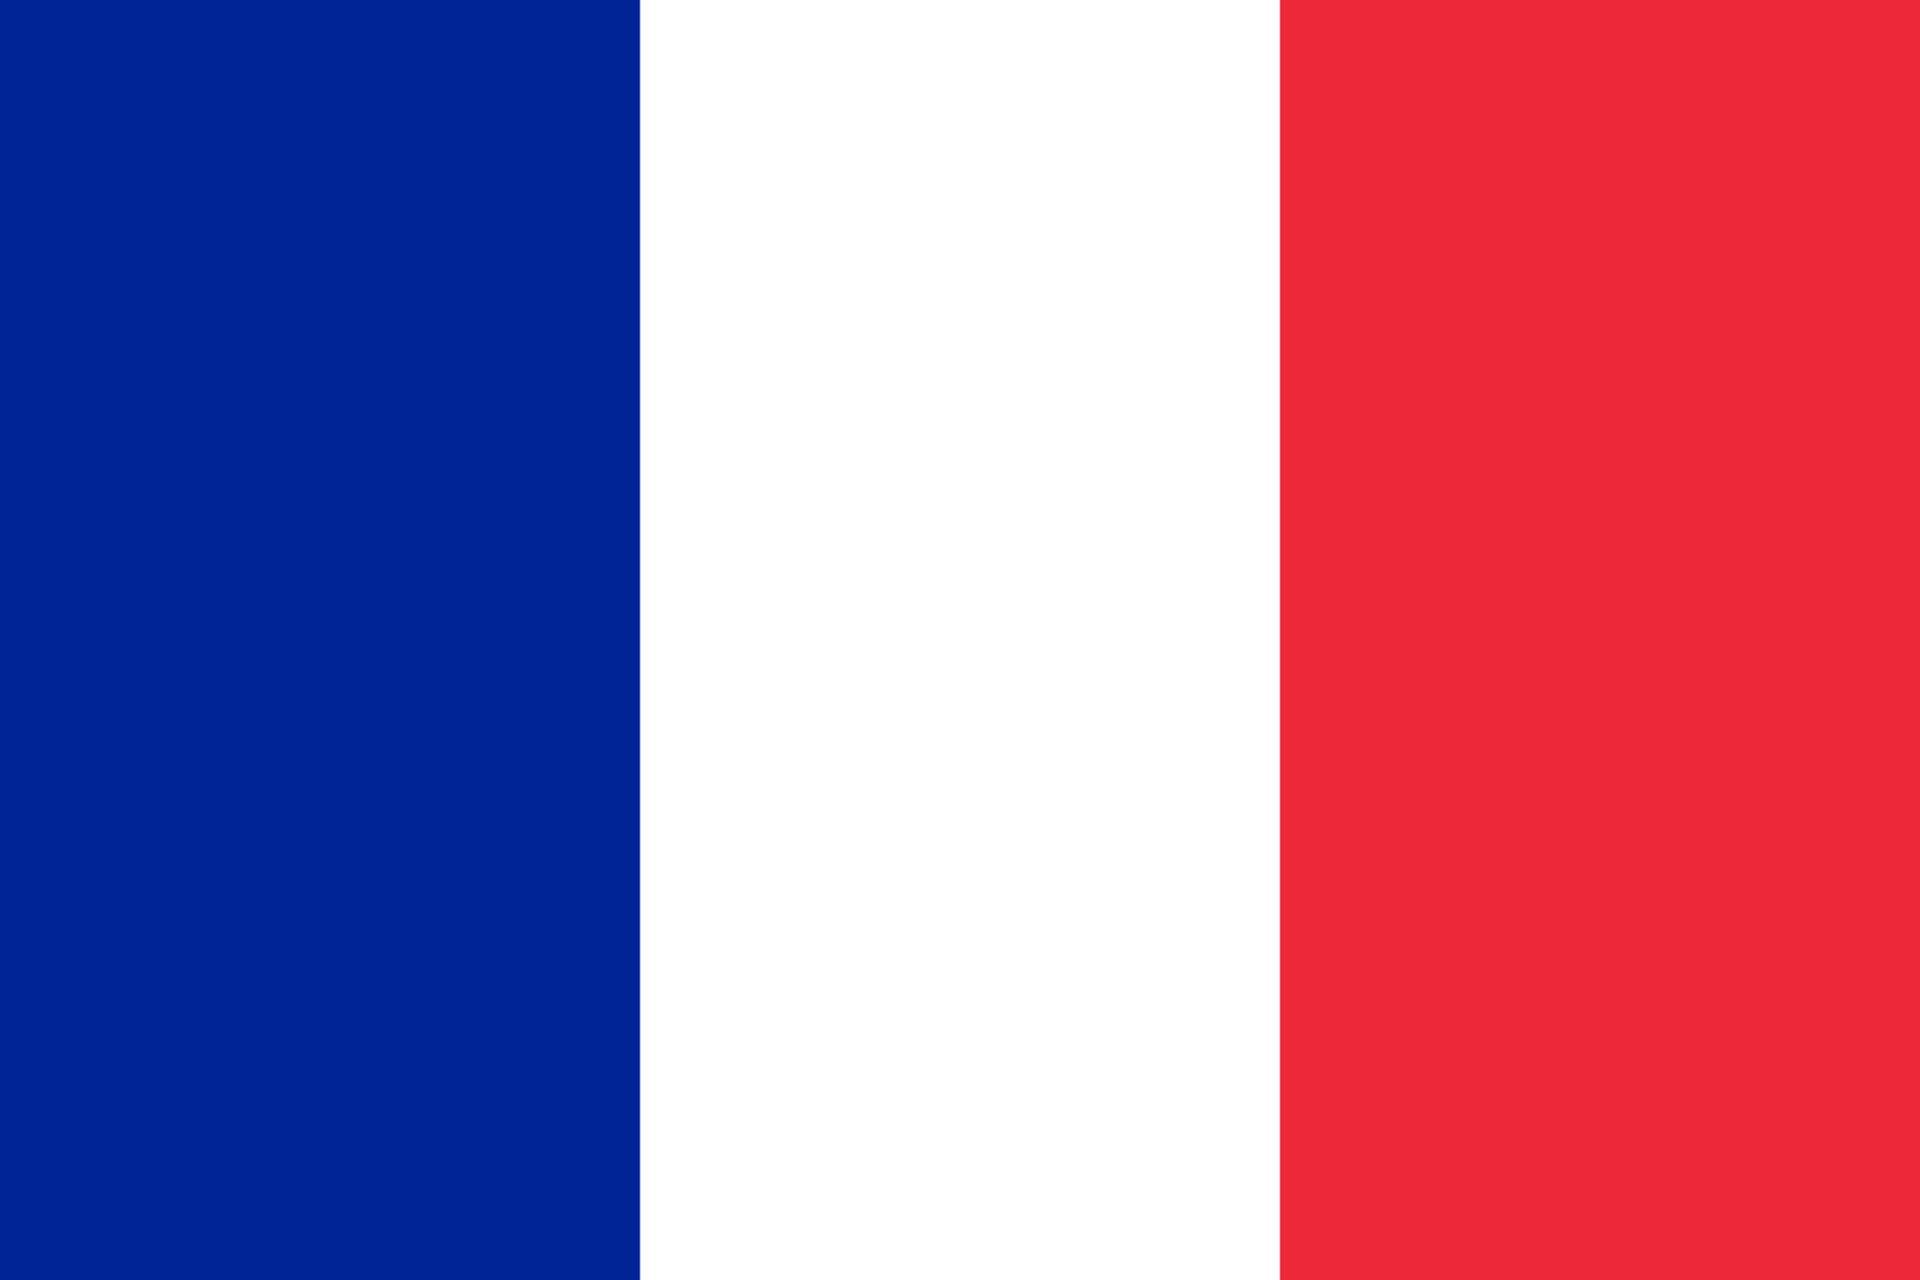 france-flag-large